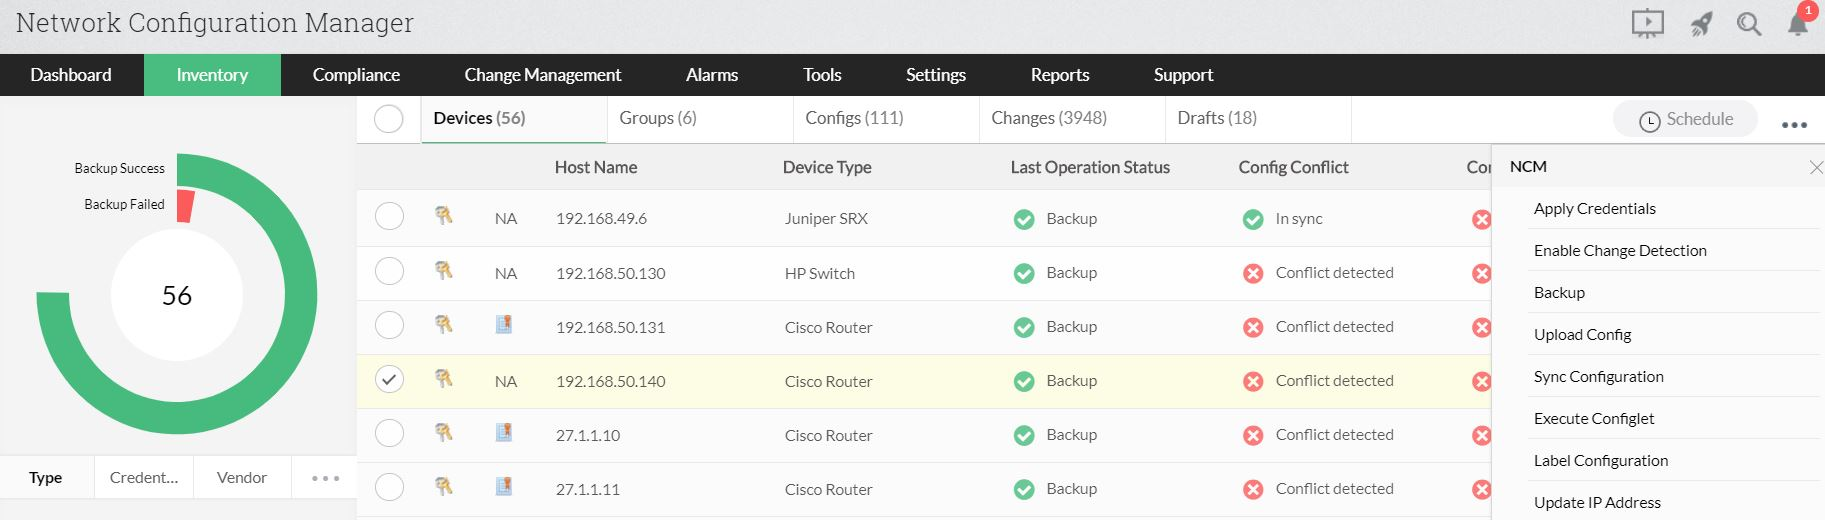 Ręczne kopie zapasowe konfiguracji urządzeń sieciowych - ManageEngine Network Configuration Manager